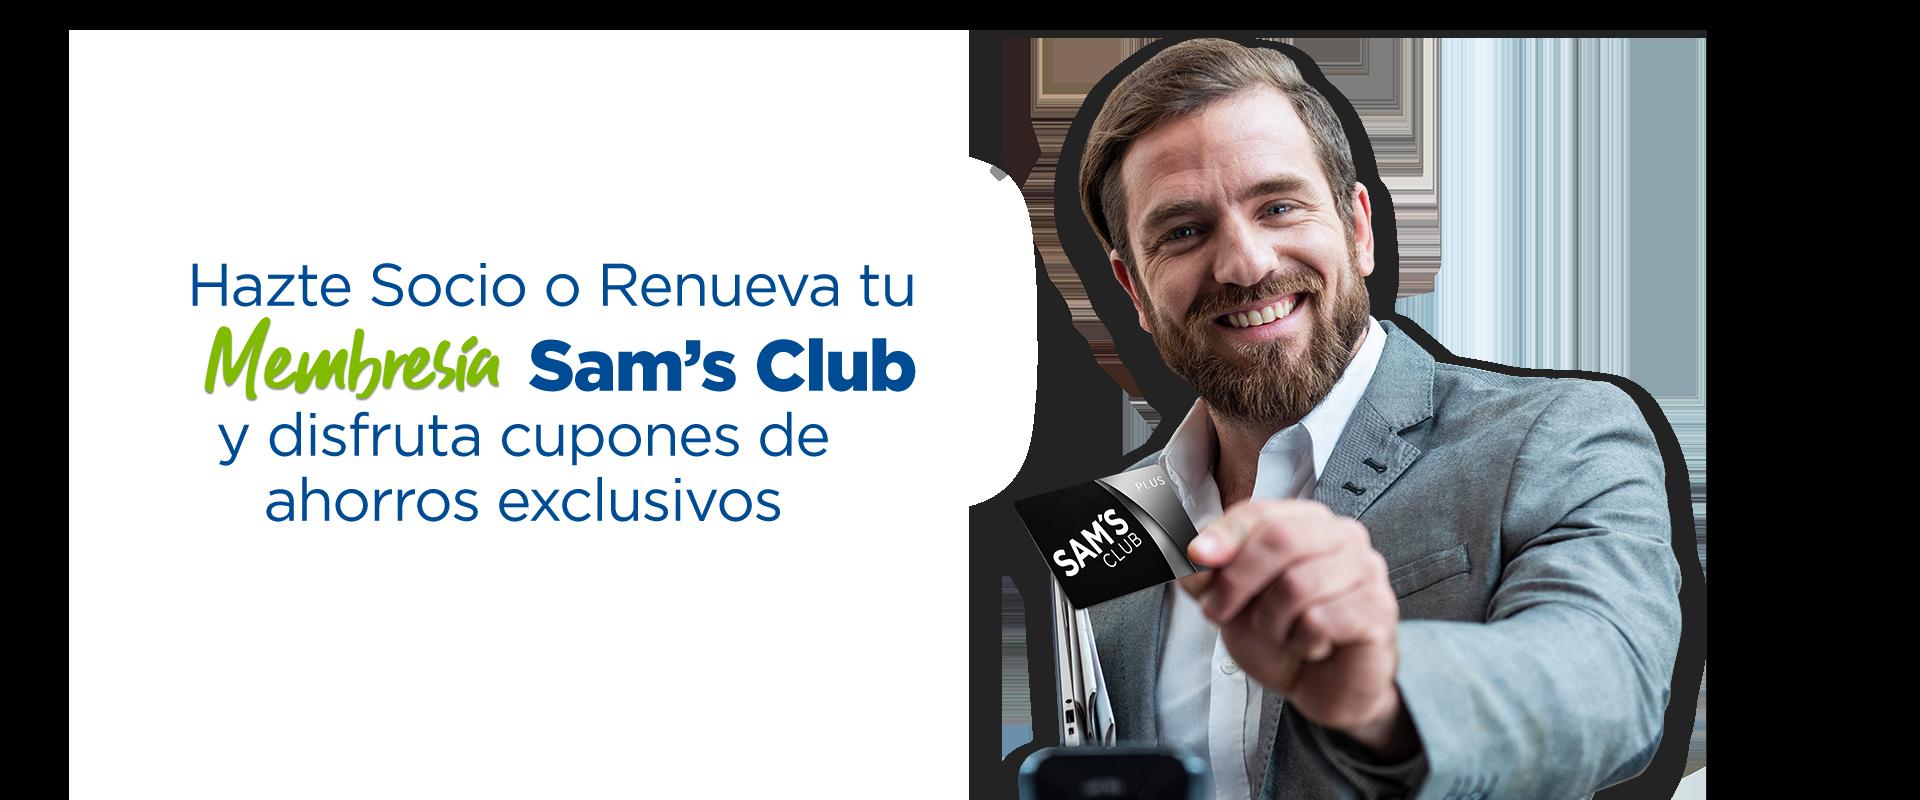 Hazte Socio o Renueva tu Membresía Sam's Club y disfruta cupones de ahorros exclusivos